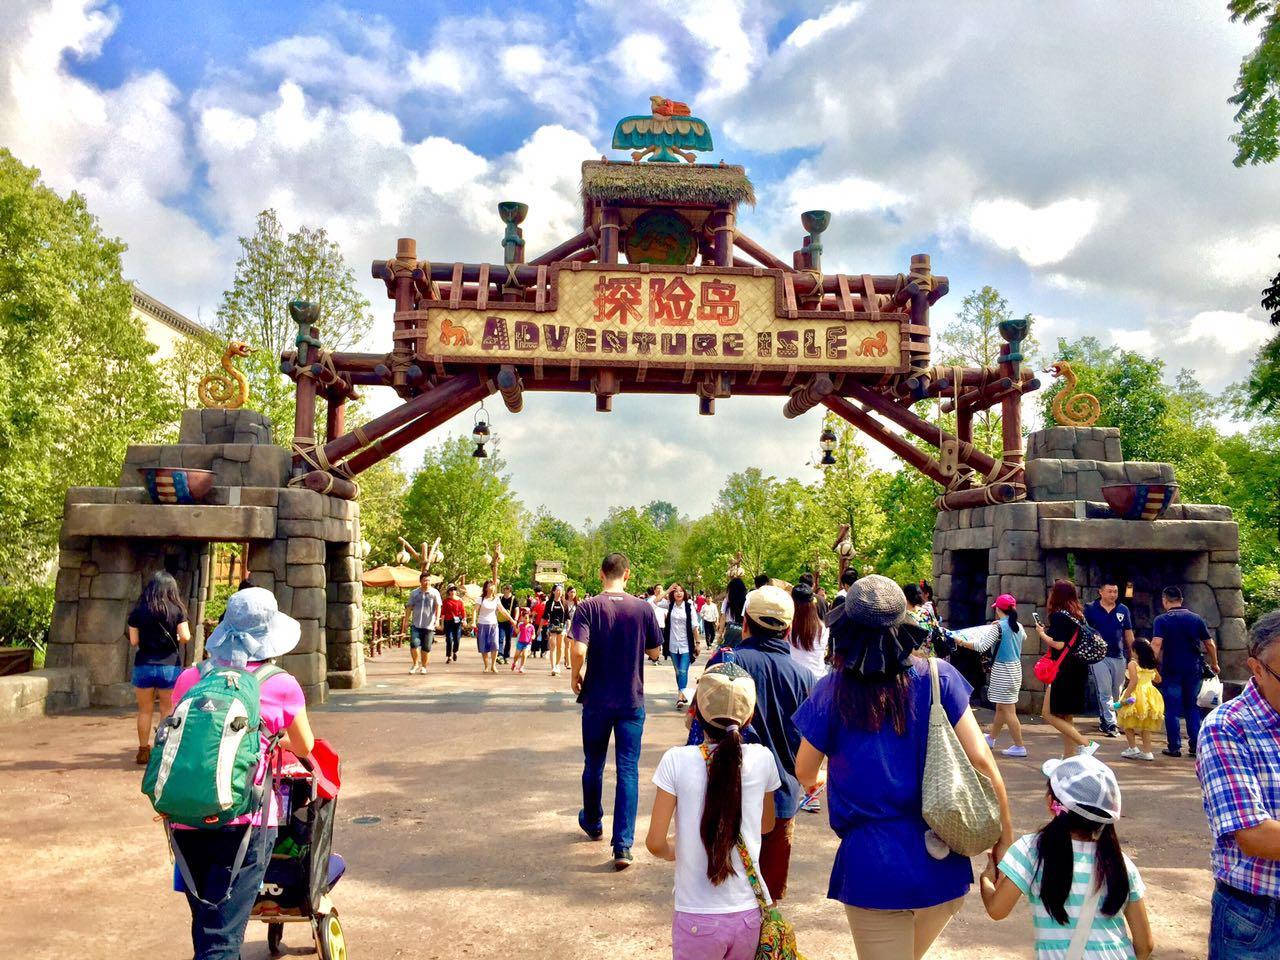 Shanghai Disneyland Adventure Isle